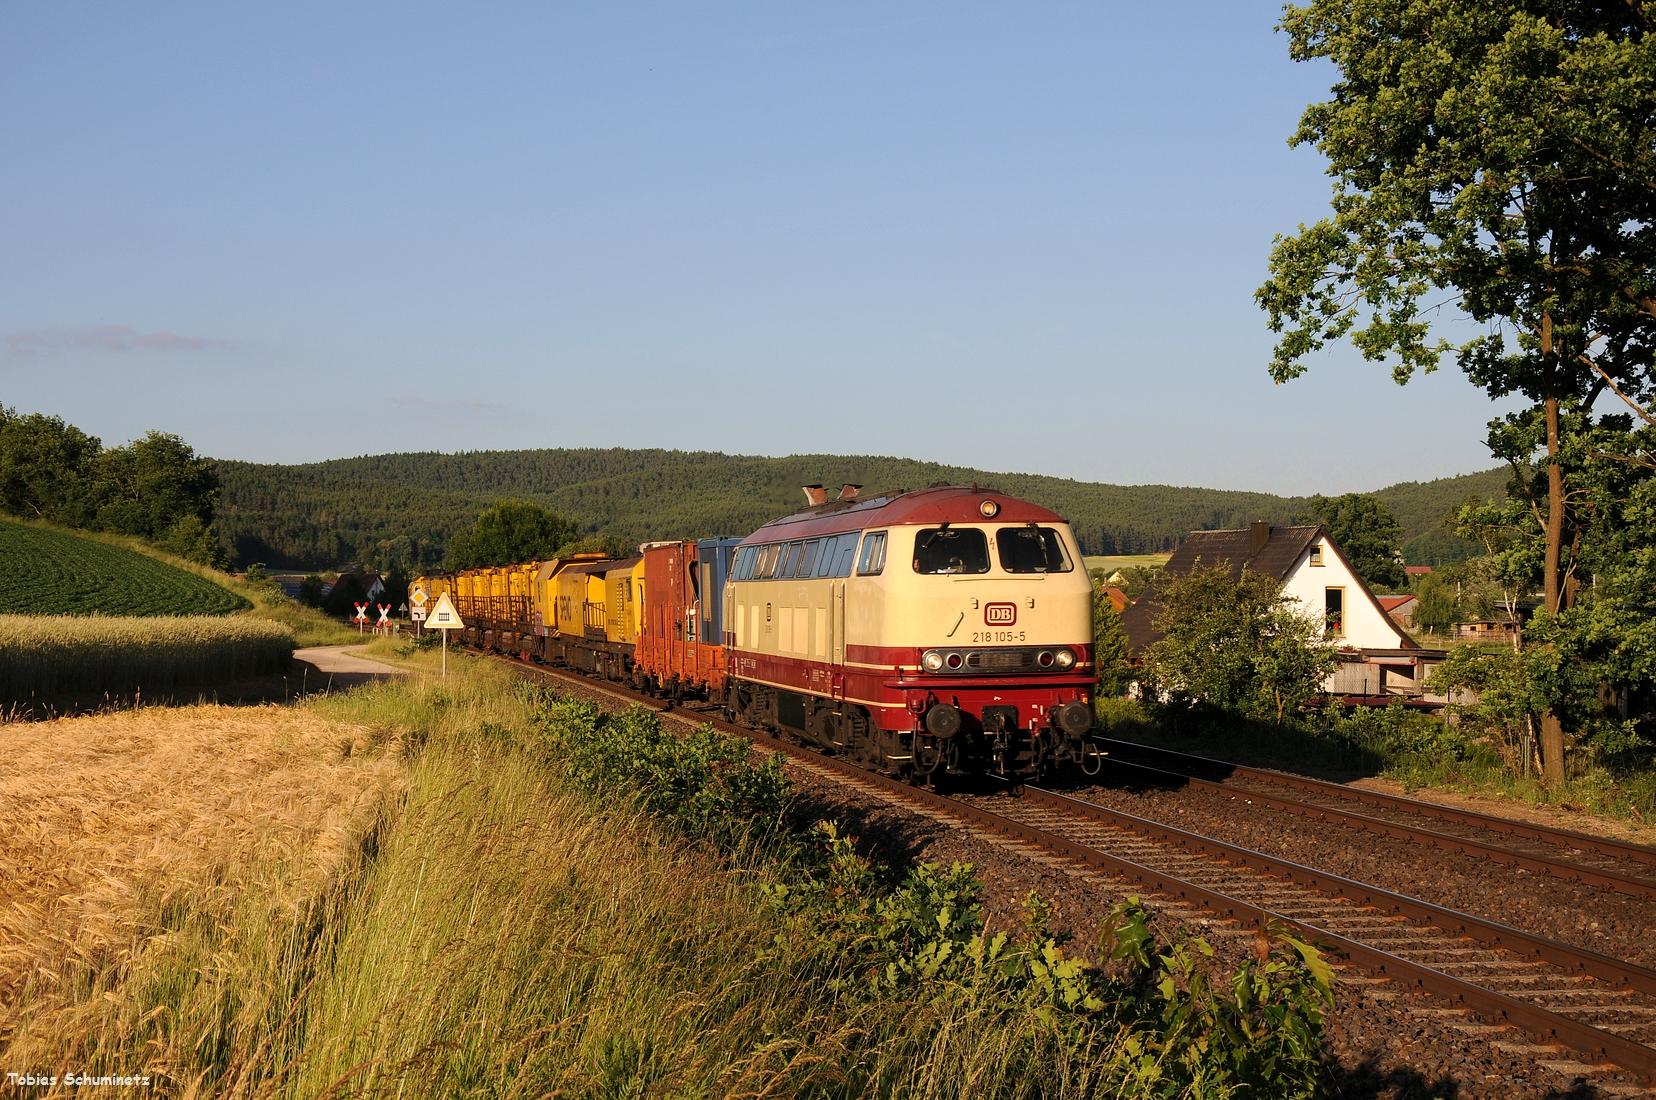 nur zwei Tage später suchte ich die Fotostelle bei Brensdorf auf um 218 105 mit Bauzug aufzunehmen.